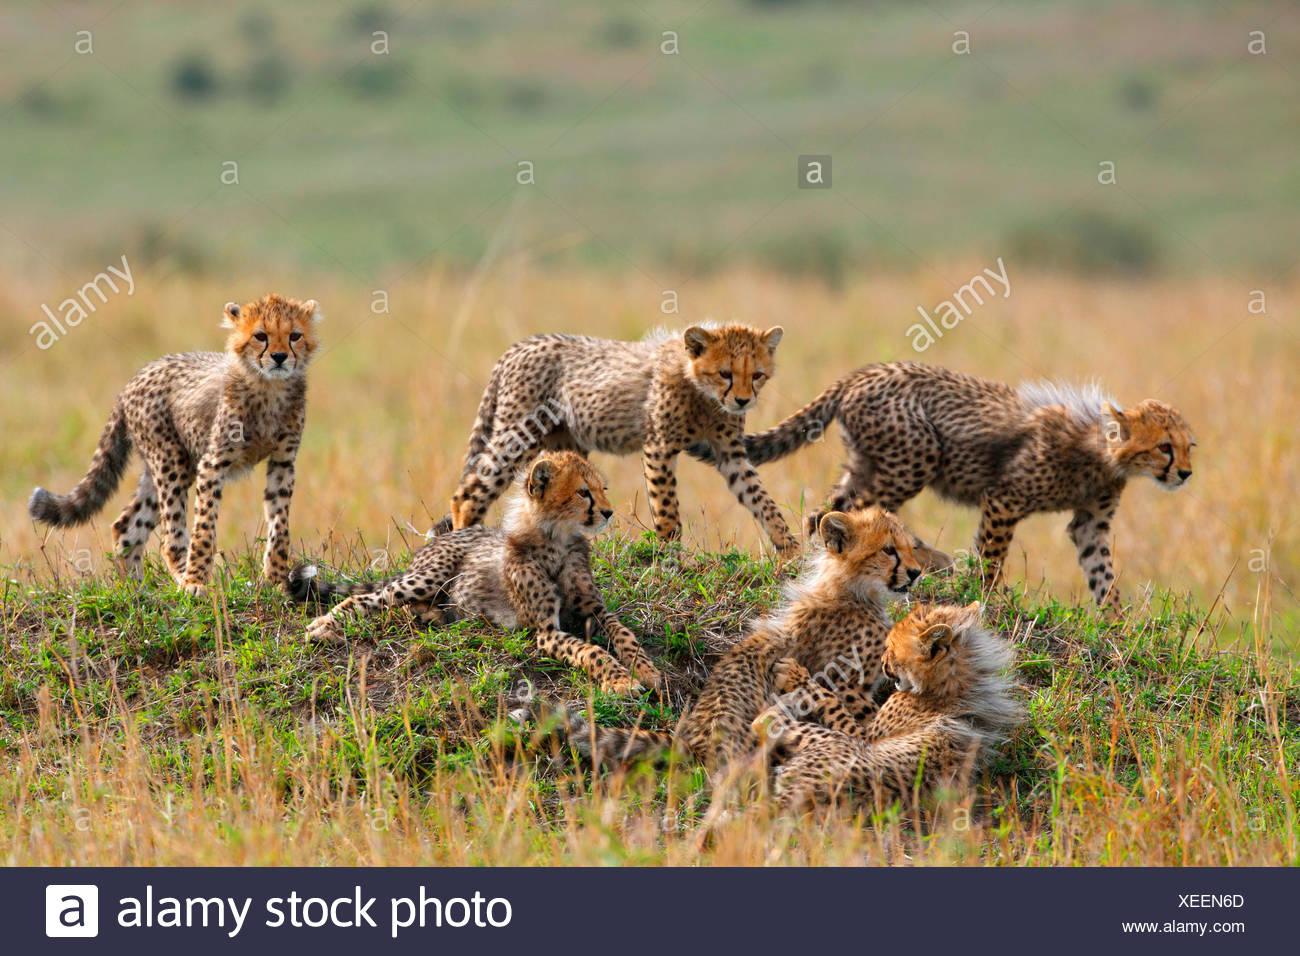 cheetah (Acinonyx jubatus), six cubs, Kenya, Masai Mara National Park - Stock Image